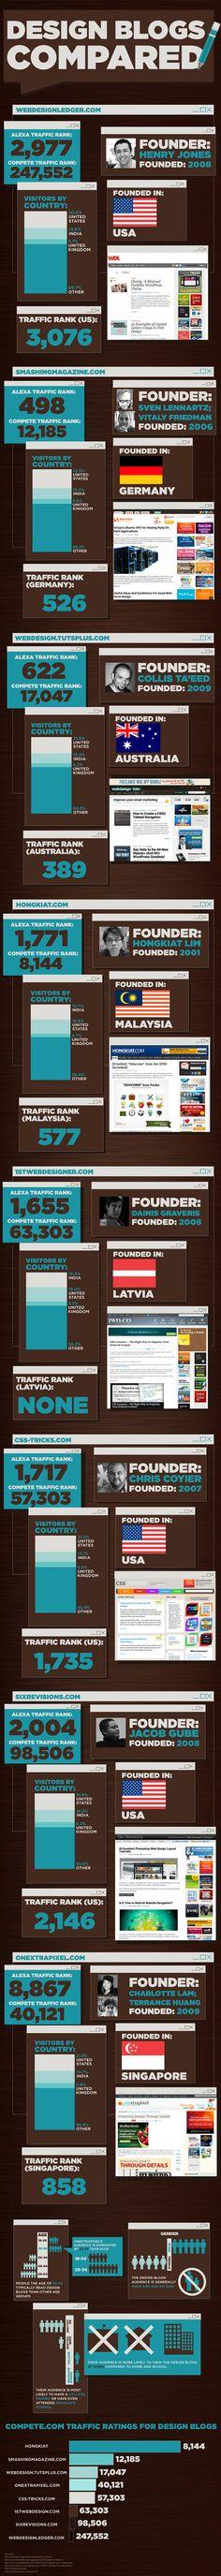 Design Blogs Compared